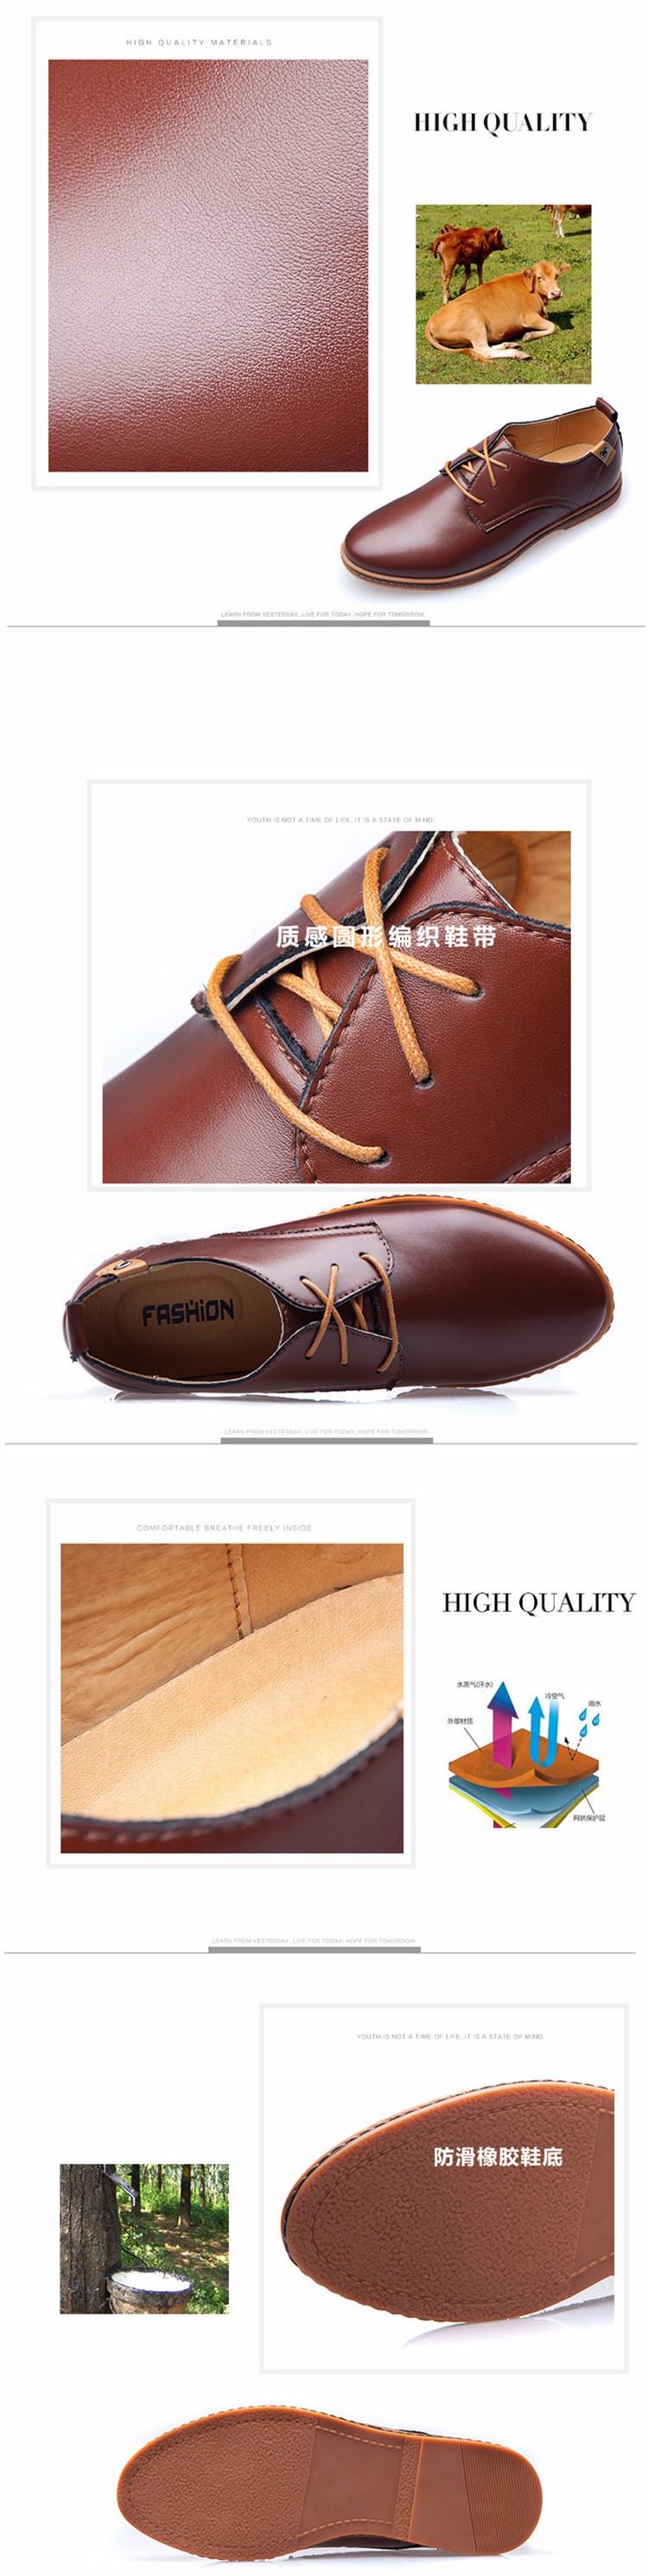 Los Hombres Zapatos De Vestir Zapatos Casuales De Cuero Genuino Zapatos Planos Zapatos De Los Hombres De Verano Fresco Y Invierno Caliente Hombres